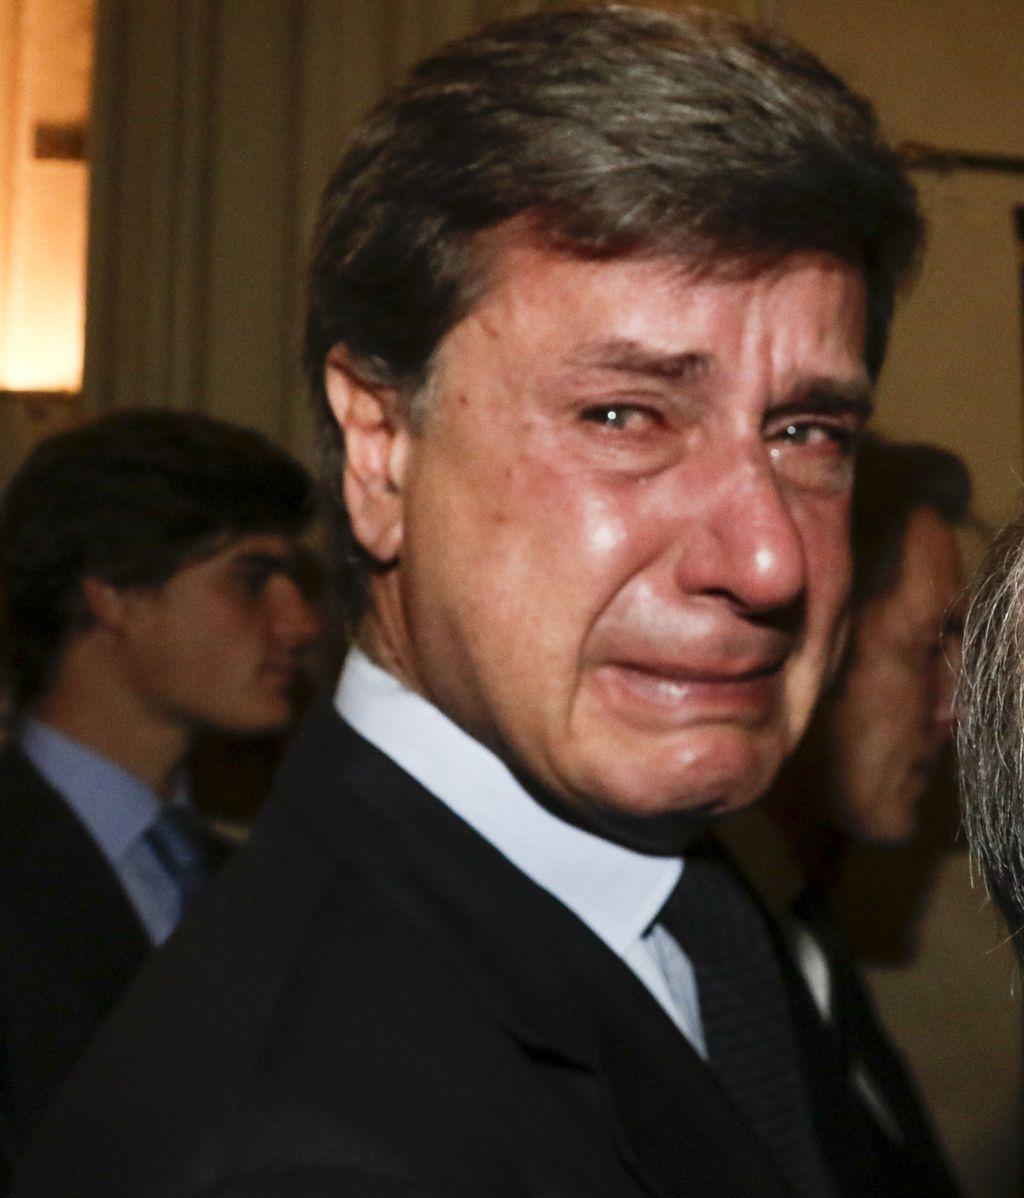 Cayetano Martínez de Irujo fue, sin duda, al que más afectado se vio durante al acto